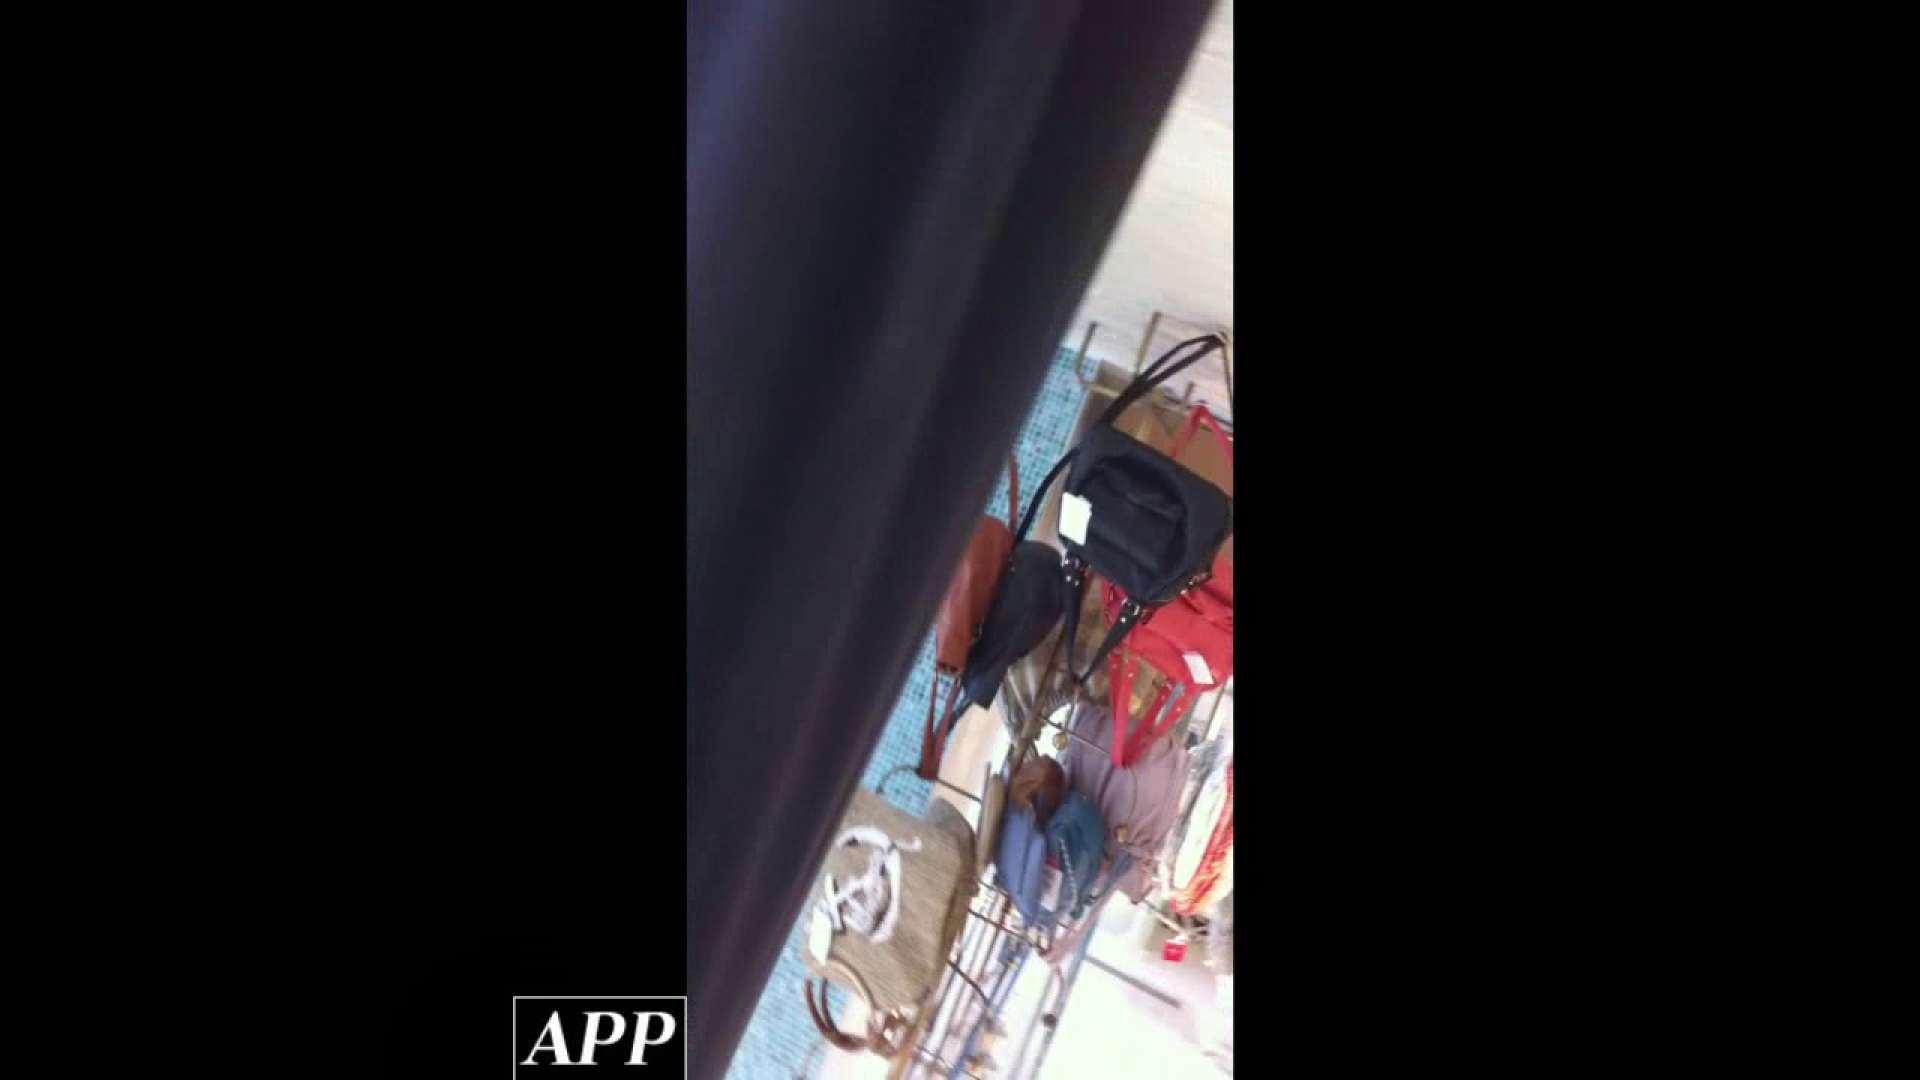 ハイビジョン盗撮!ショップ店員千人斬り!胸チラ編 vol.94 OLエロ画像 | チラ  109PICs 97